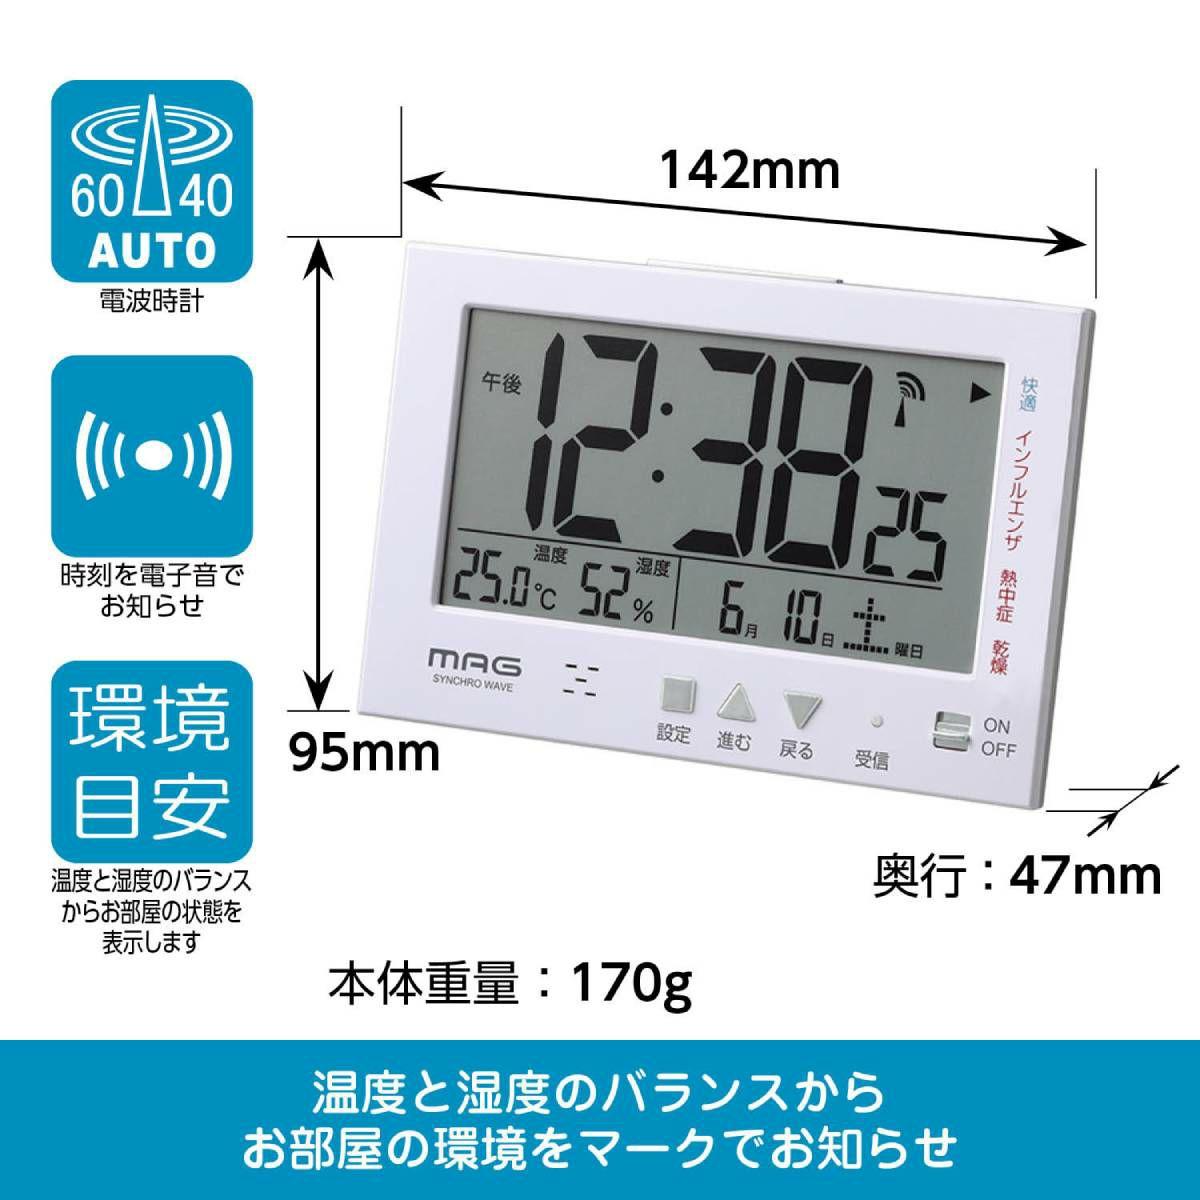 MAG(マグ) デジタル 電波 置時計 目覚まし時計 温度 湿度 カレンダー 環境目安表示 エアサーチミチビキ T-727 ホワイト 1台